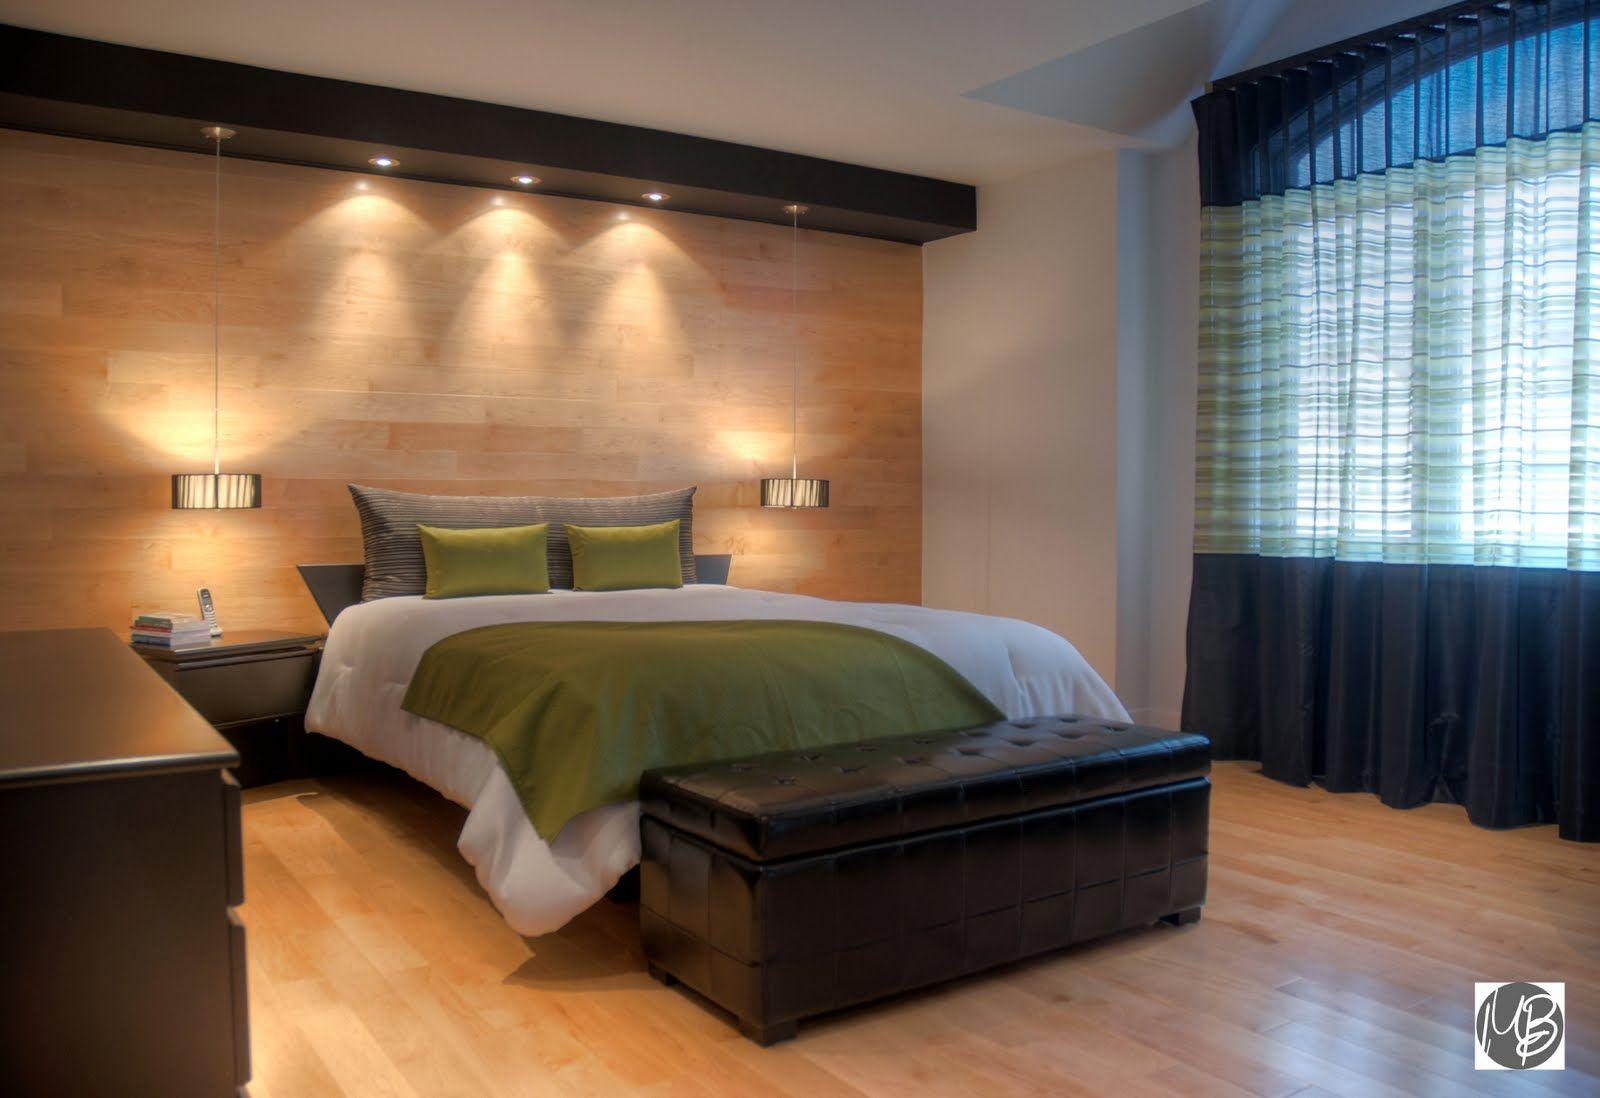 D coration chambre coucher avec mur de pierre en 2019 decor chambre a coucher chambre - Les chambre a coucher ...